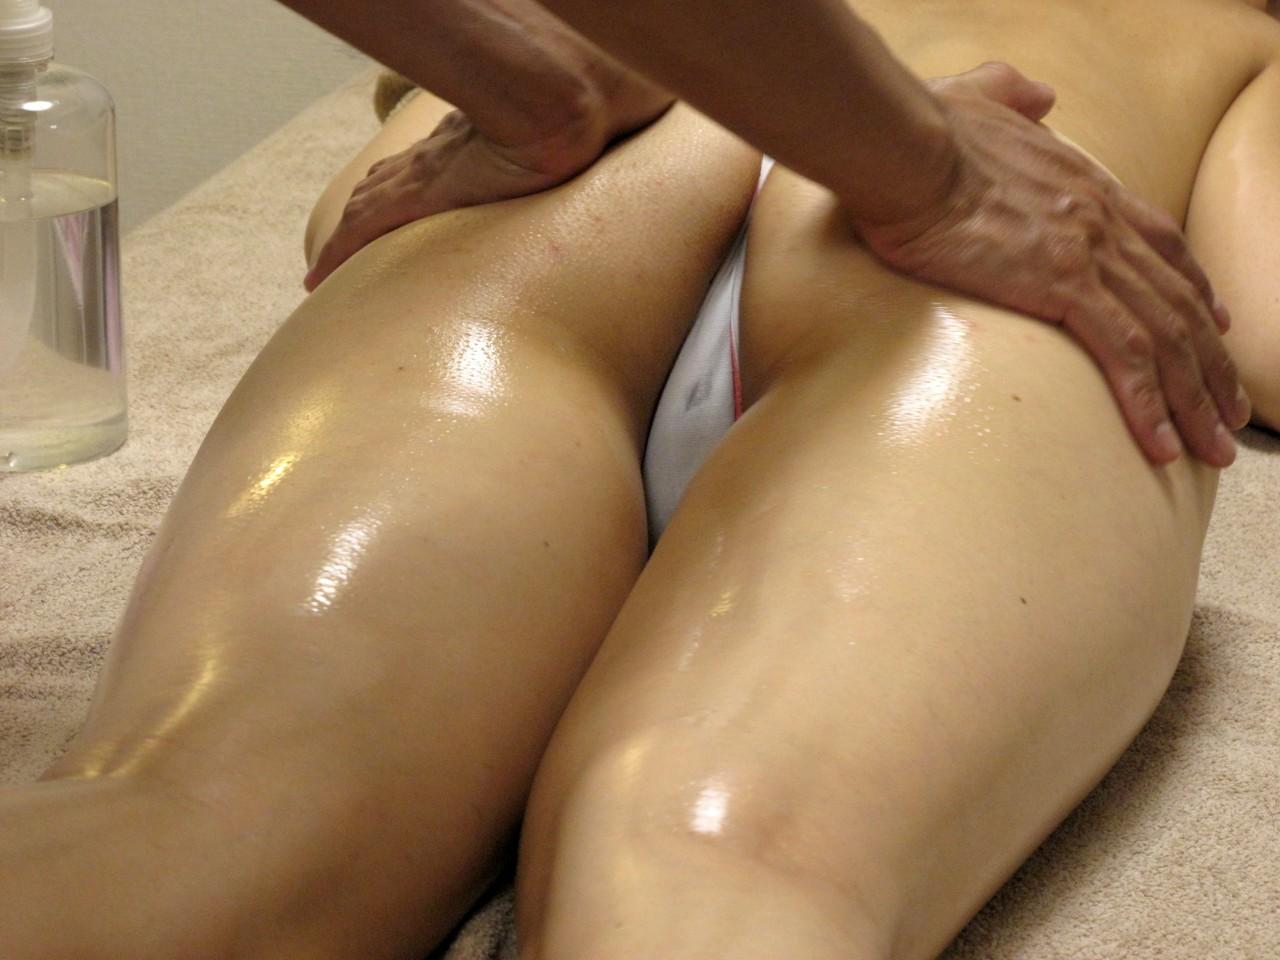 【美尻エロ画像】無意識のうちに弄るものw乳に匹敵する心地よさの尻揉みwww 15